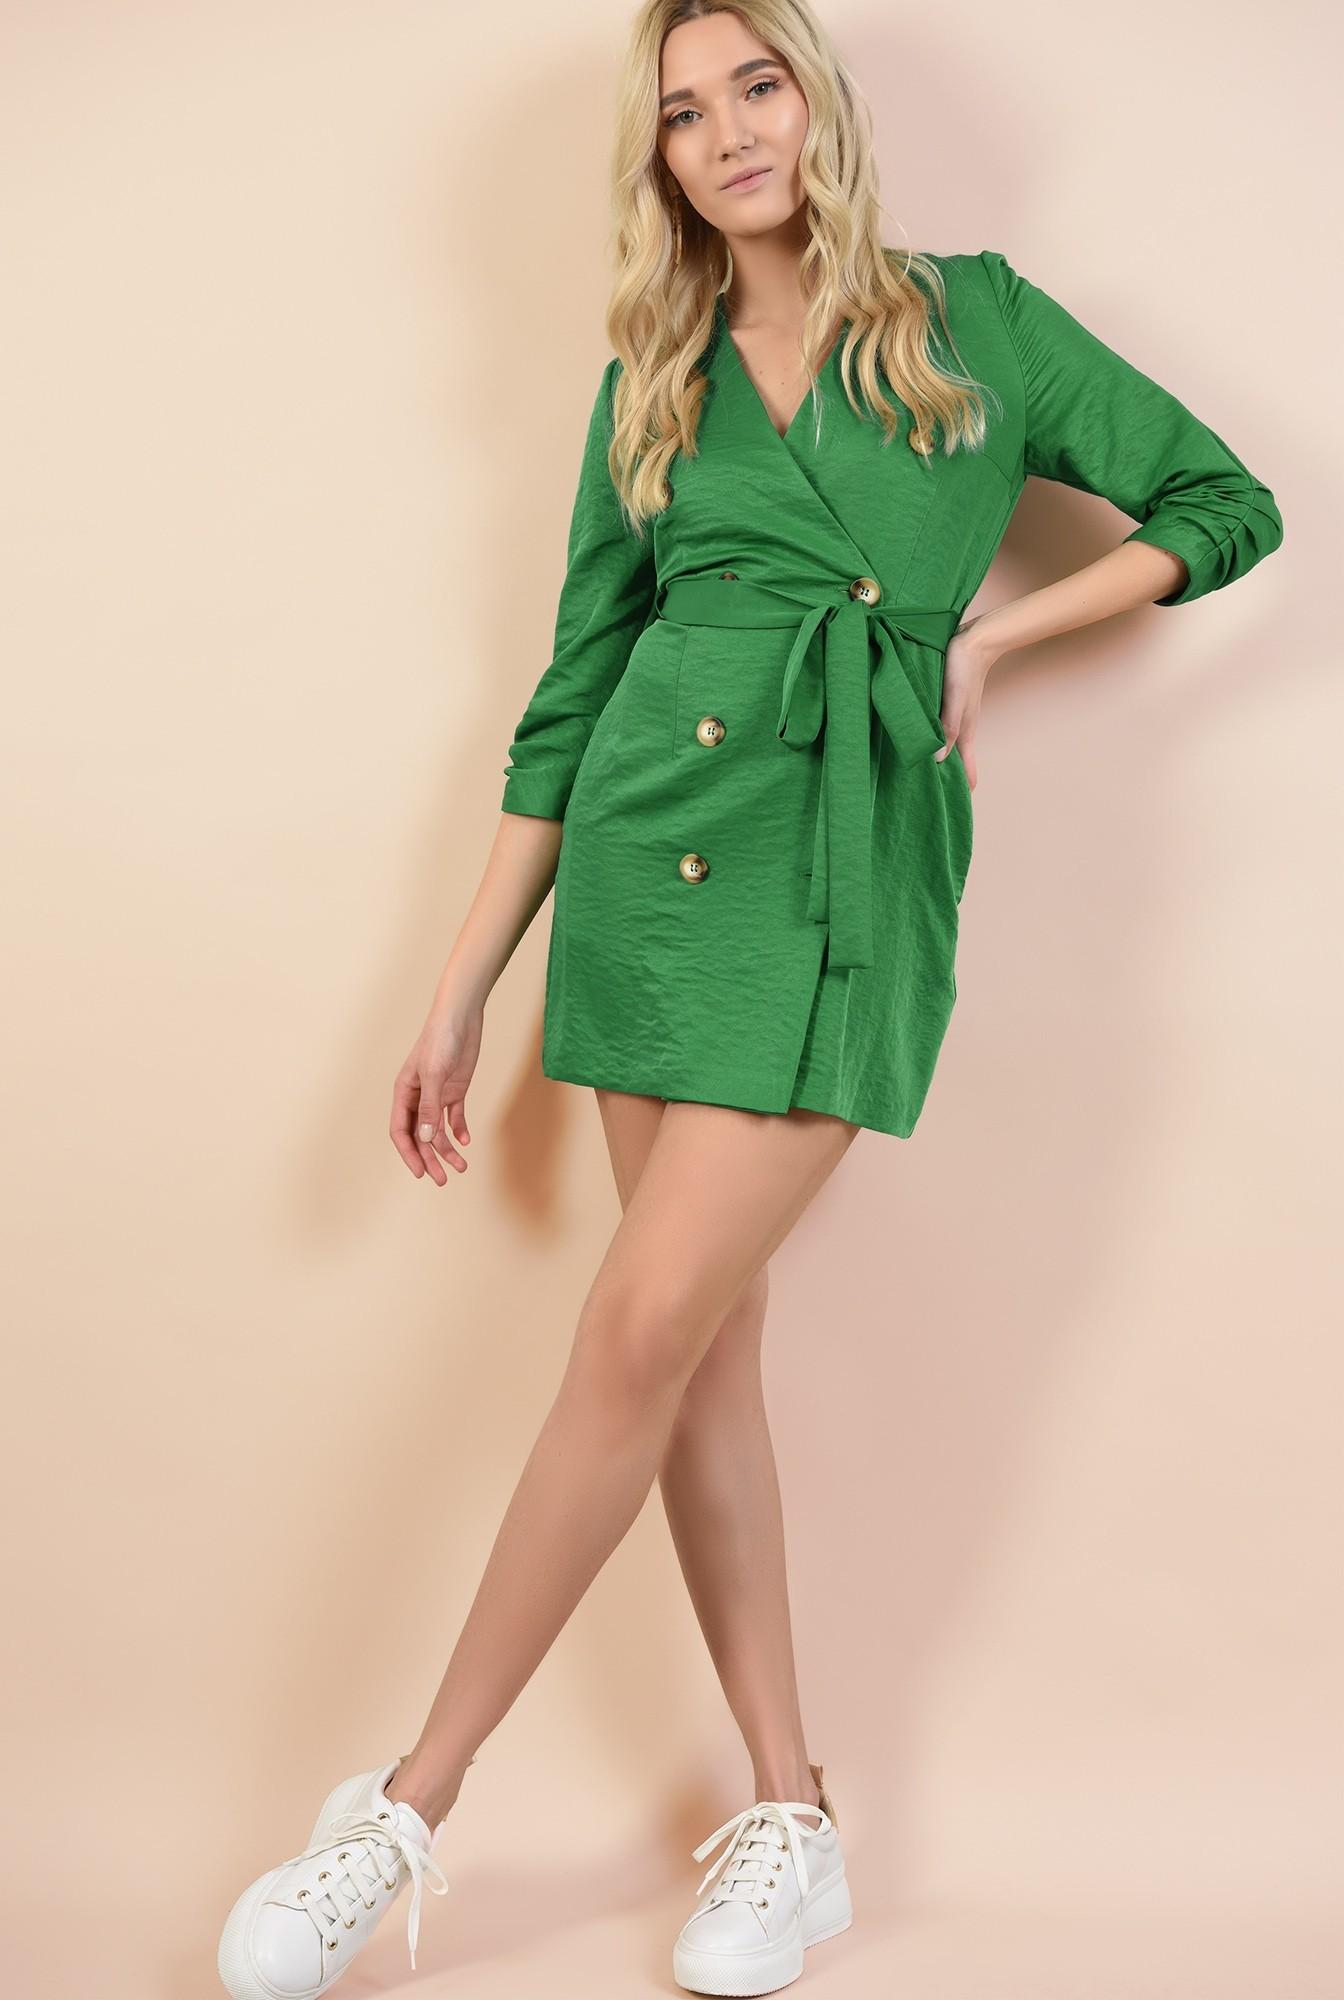 0 - 360 - rochie mini, dreapta, tip halat, cu nasturi, cu buzunare, revere